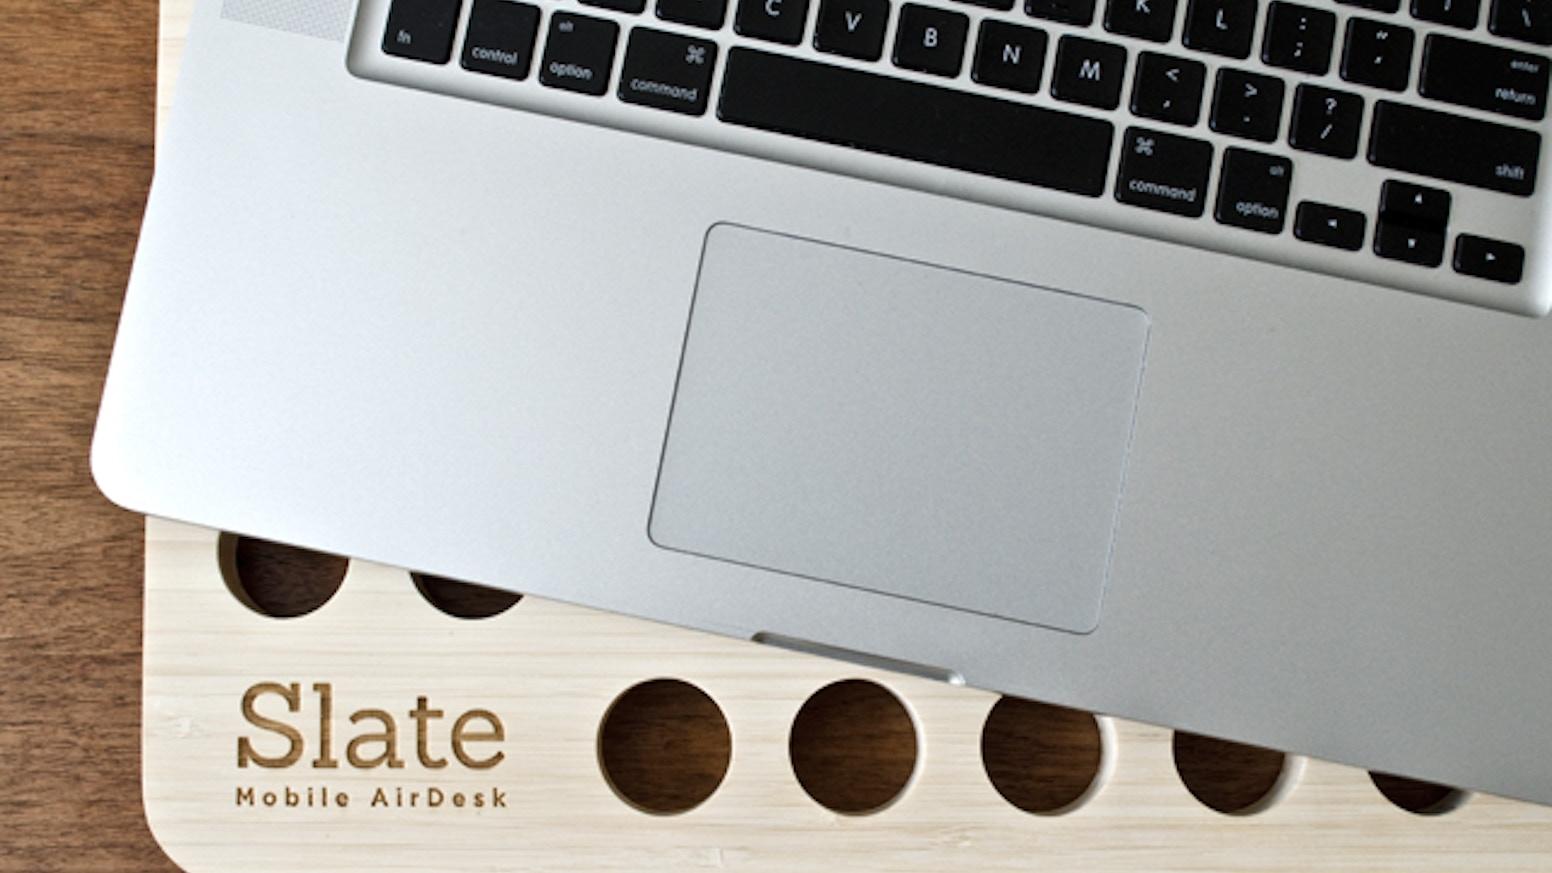 a9905c1d57c5 Slate - Mobile LapDesk by Nathan Mummert — Kickstarter